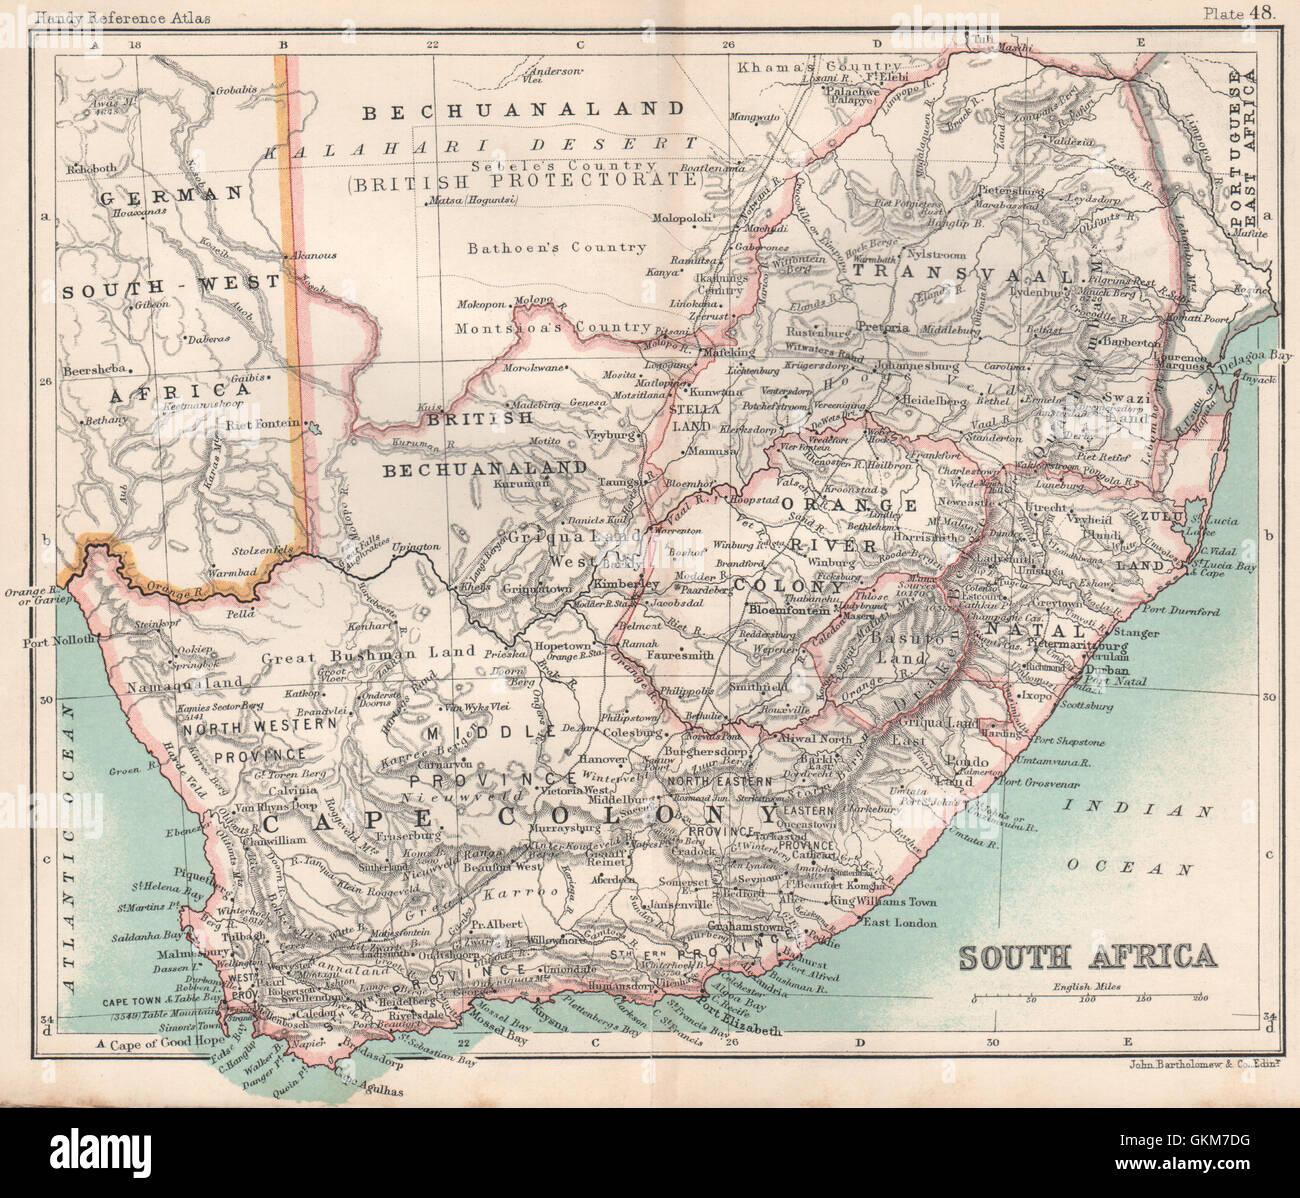 Botswana South Africa Map.Cape Colony Bechuanaland Botswana Southern Africa Bartholomew